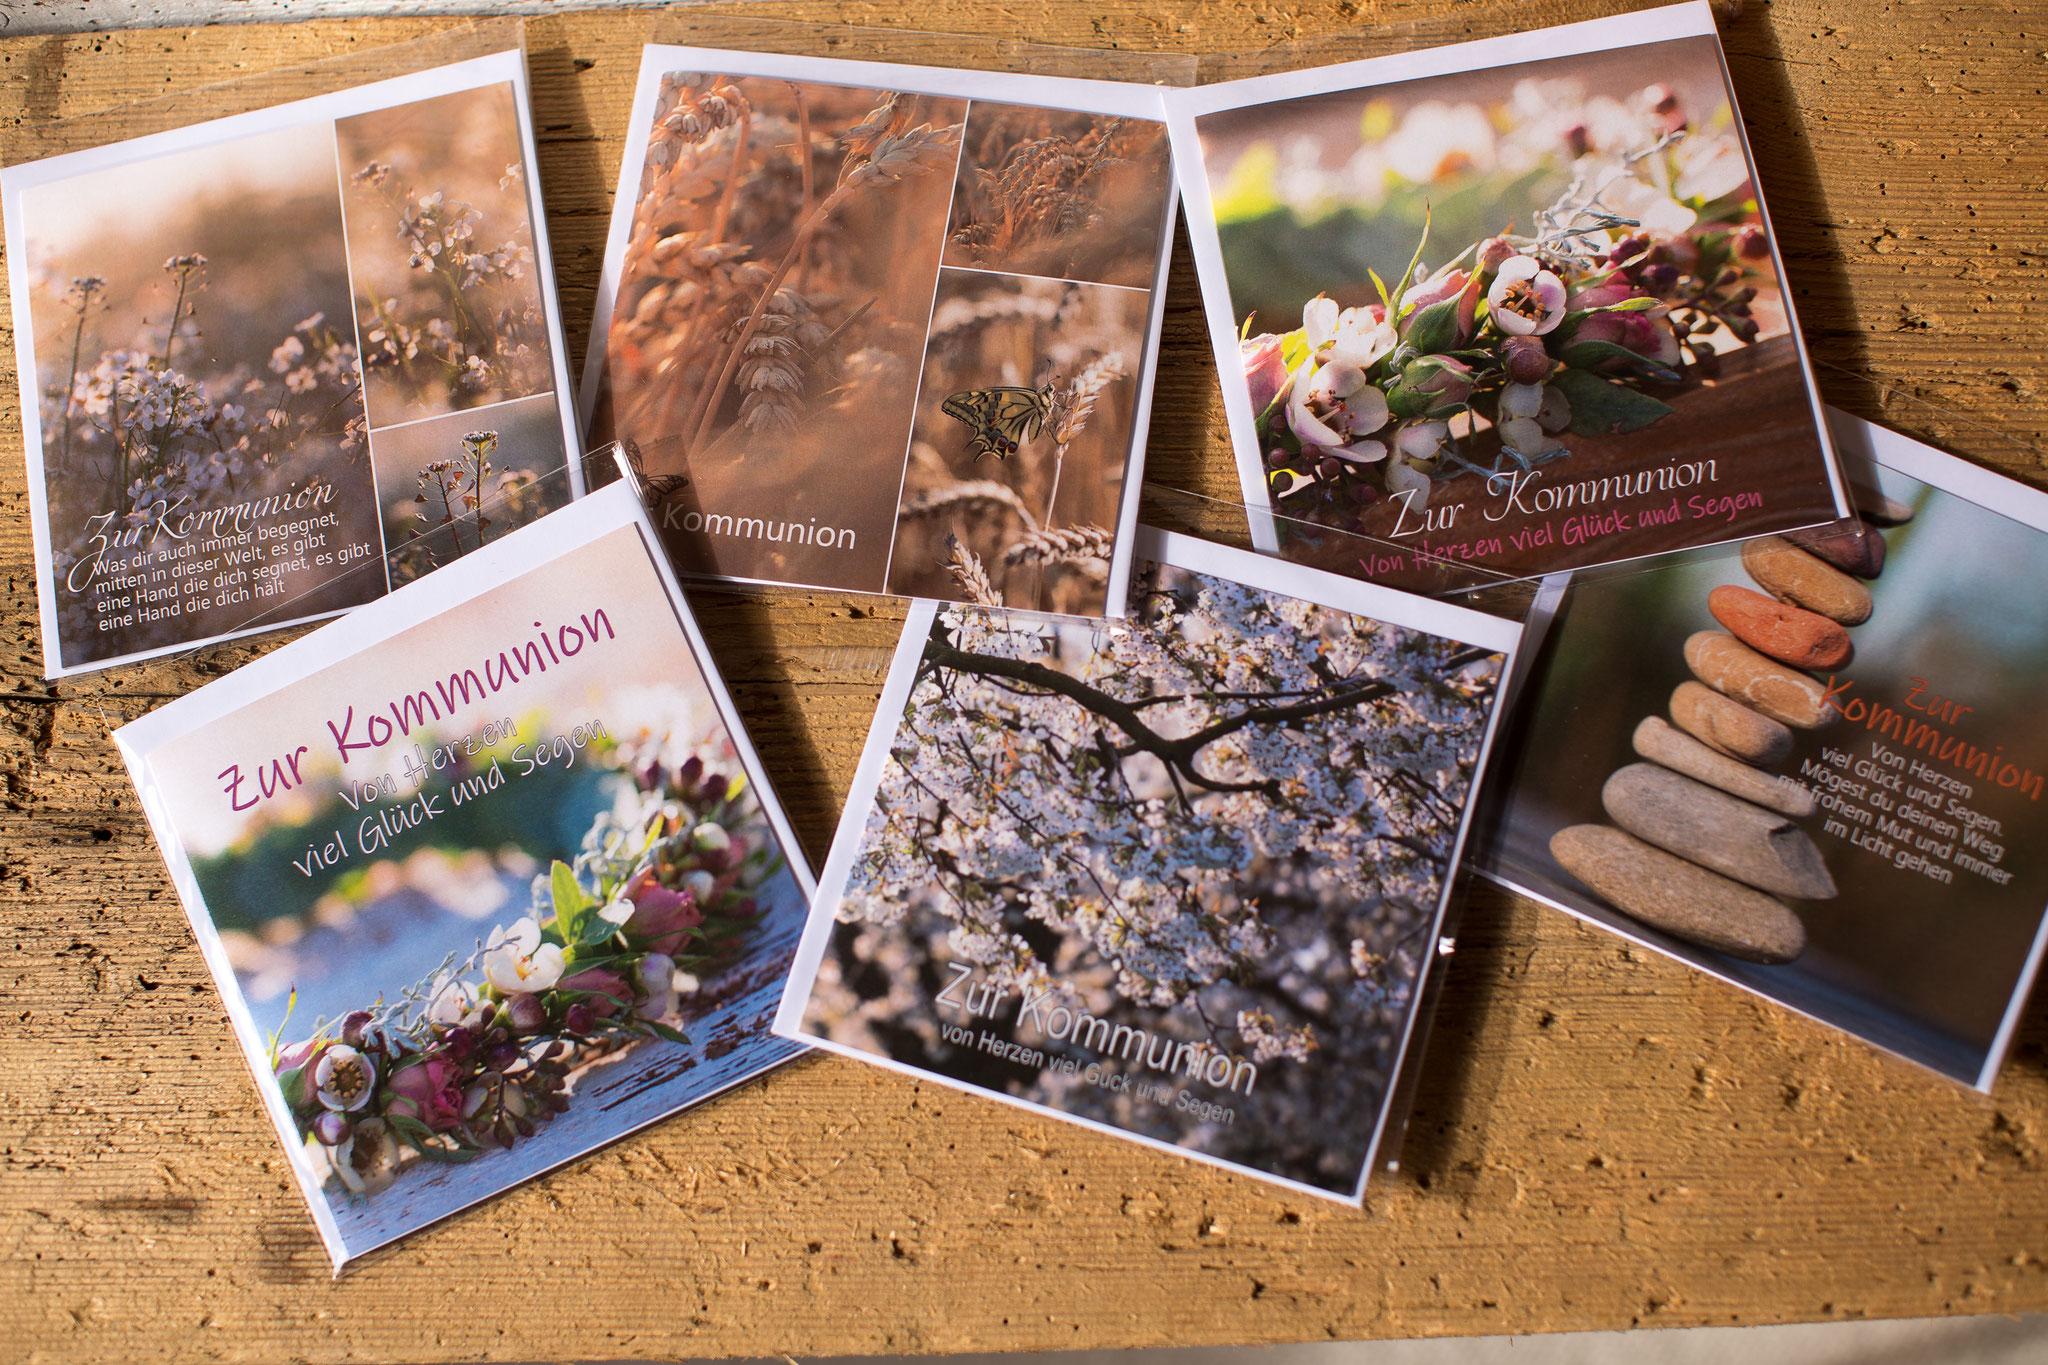 Glückwunschkarte, Kommunion, Erstkommunion, Spruchkarte, Weisser Sonntag, kindgerecht, Kommunionspruch